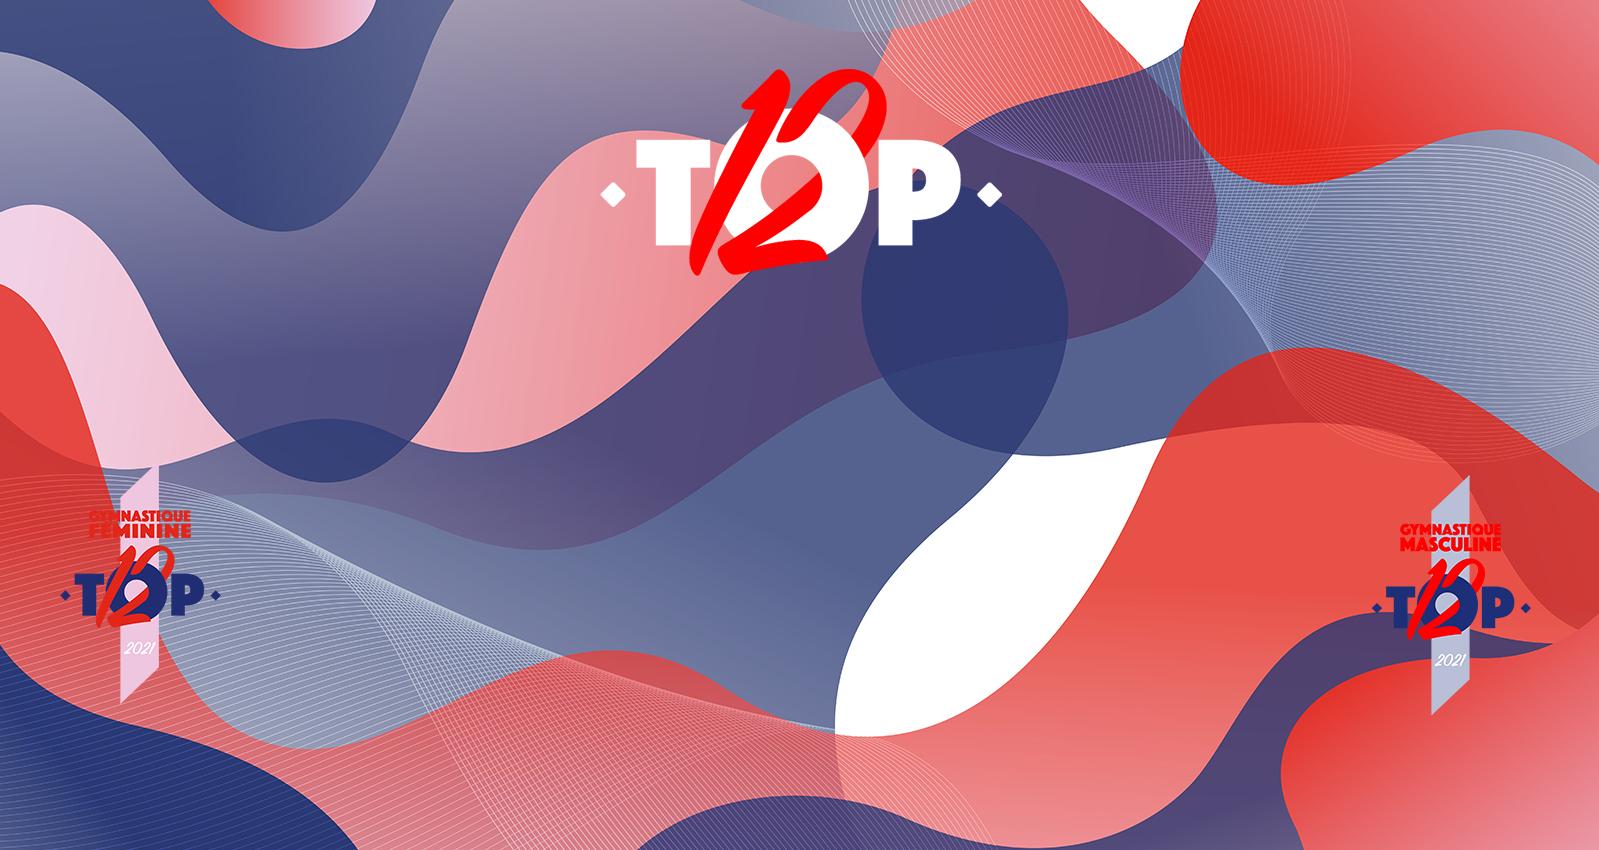 GAM : TOP 12